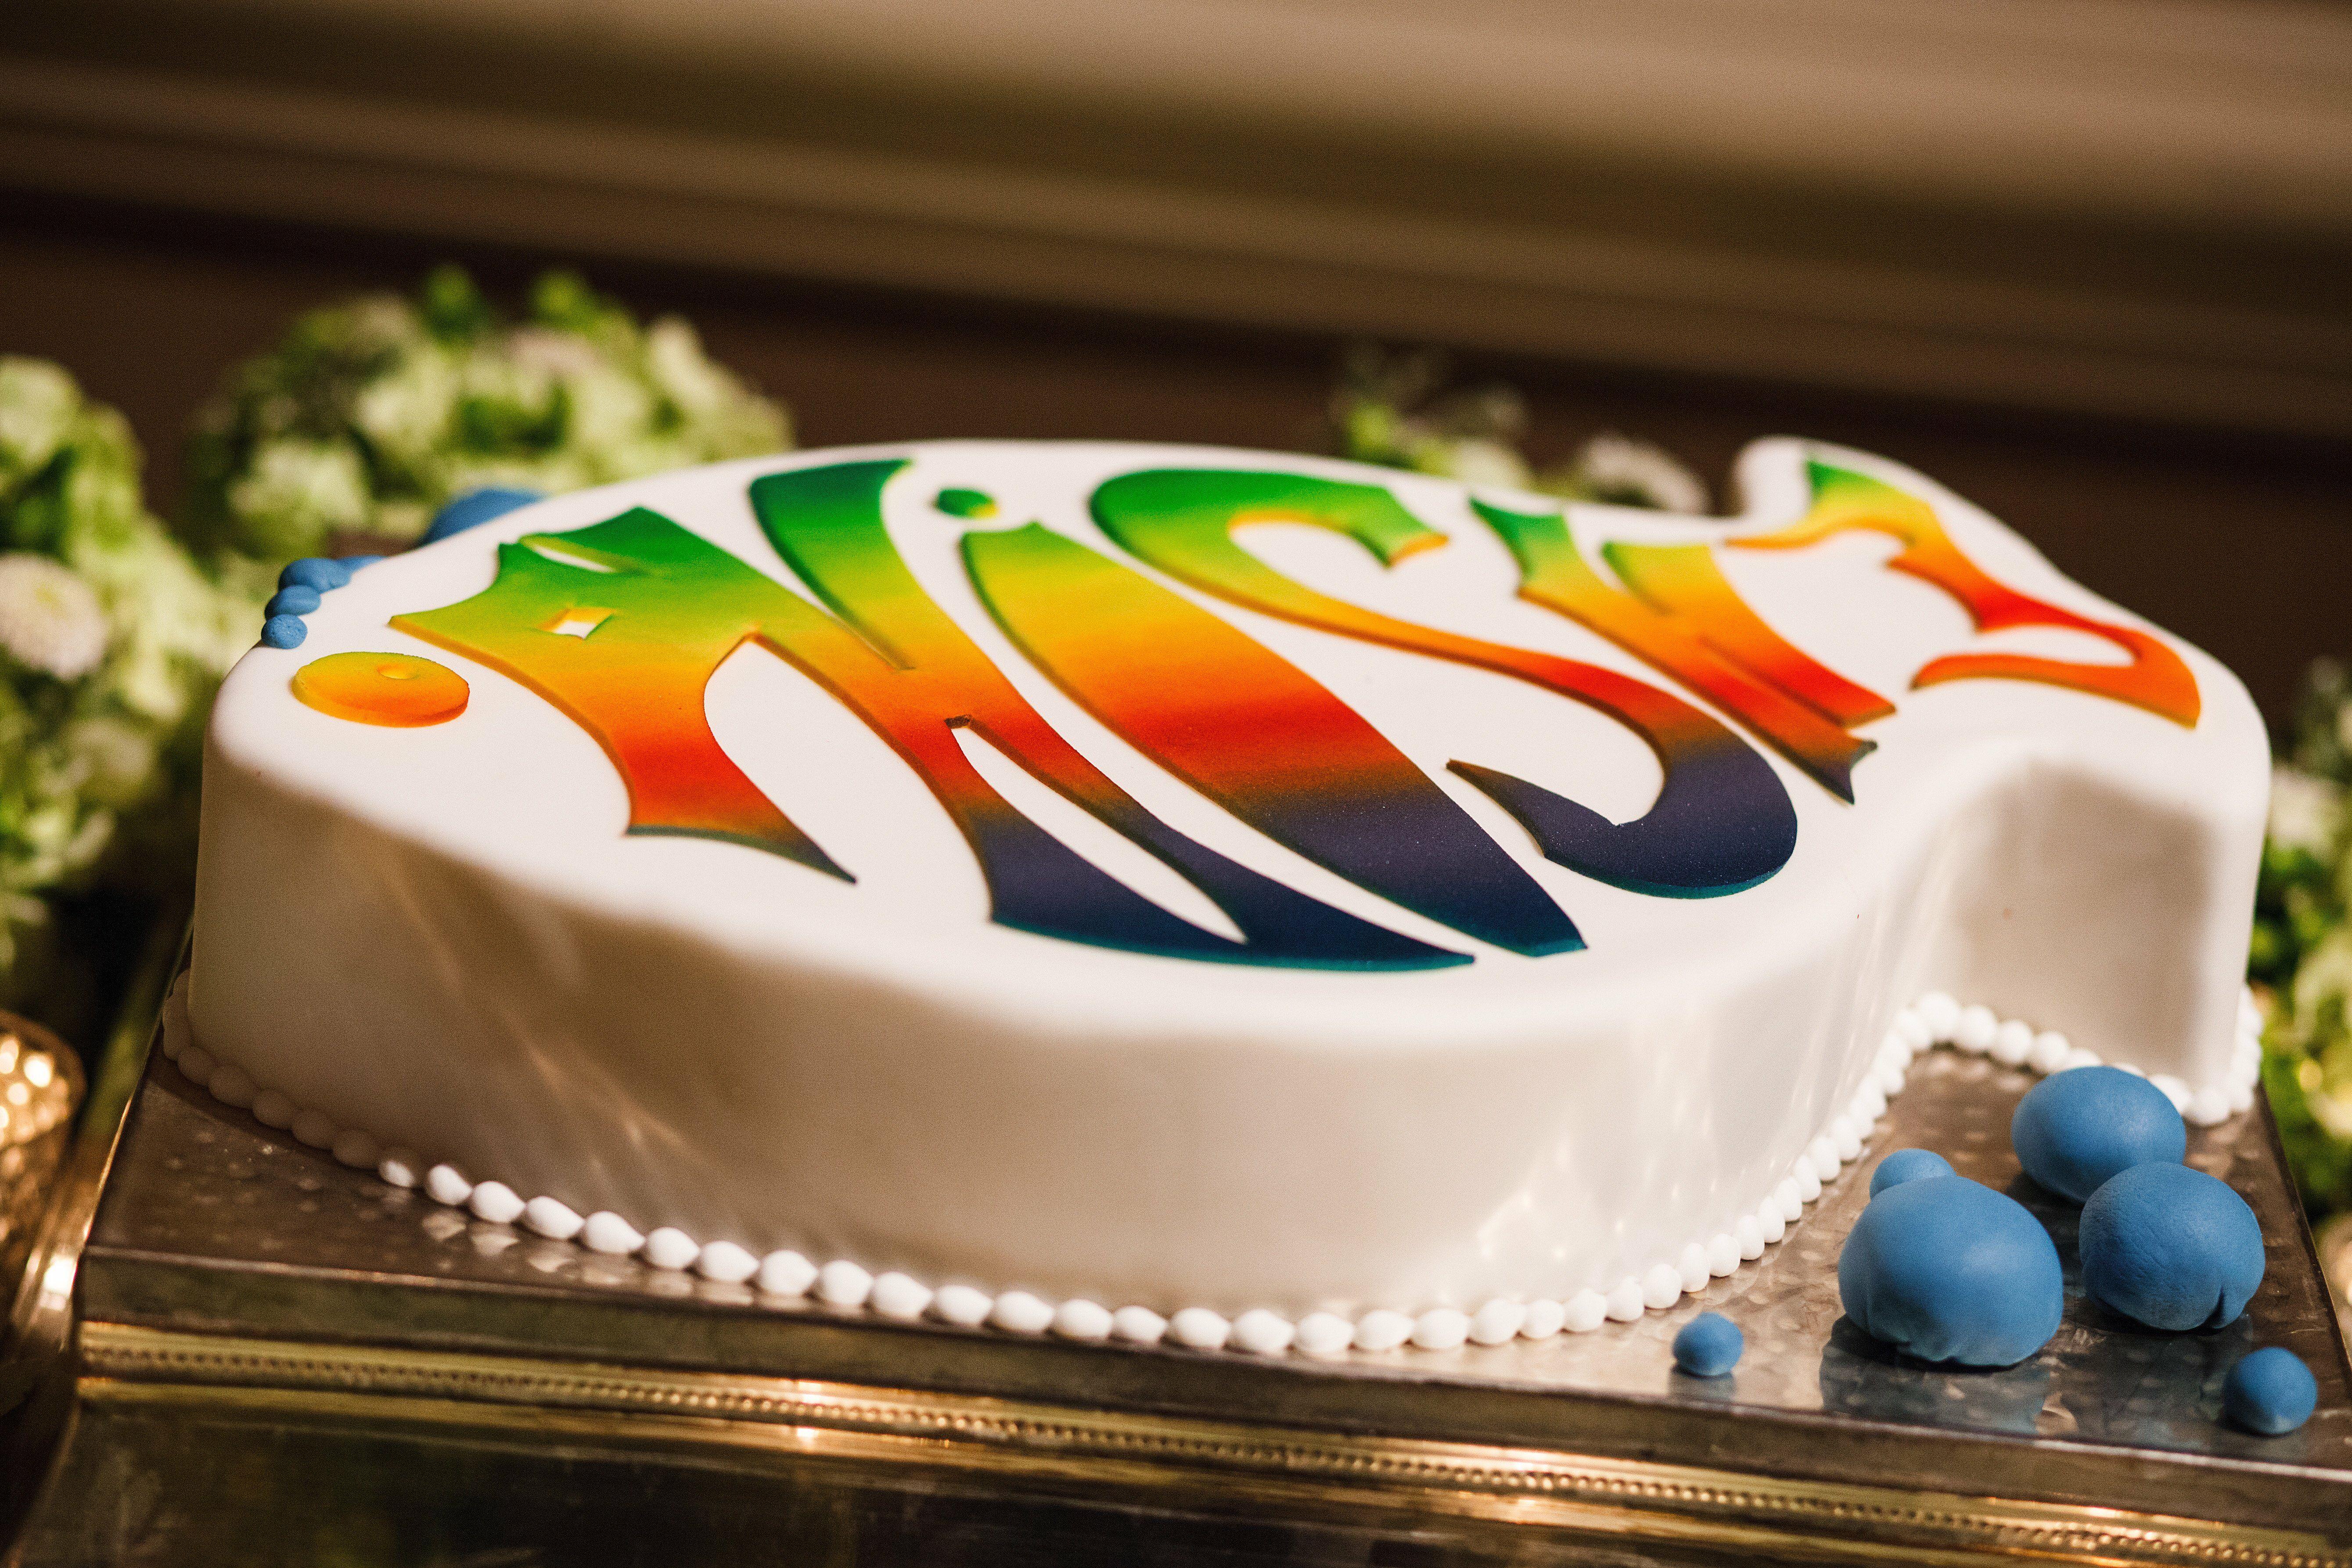 Phish Groom S Cake